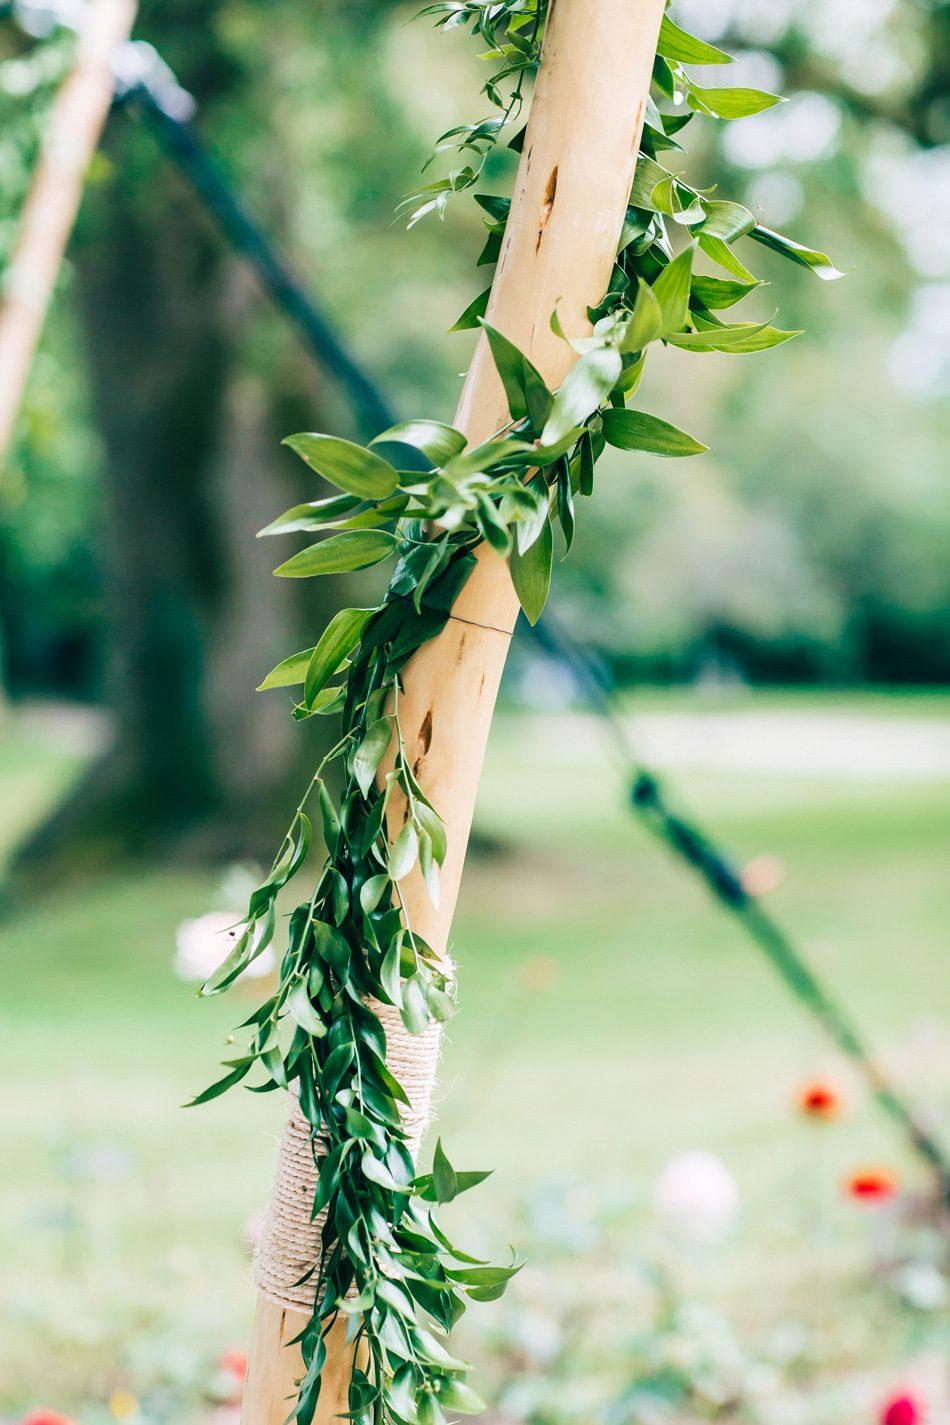 ruban collectif photographe landes france pays basque papeterie mariage fleuriste aquitaine wedding photography tentes mariage wedding planning liere